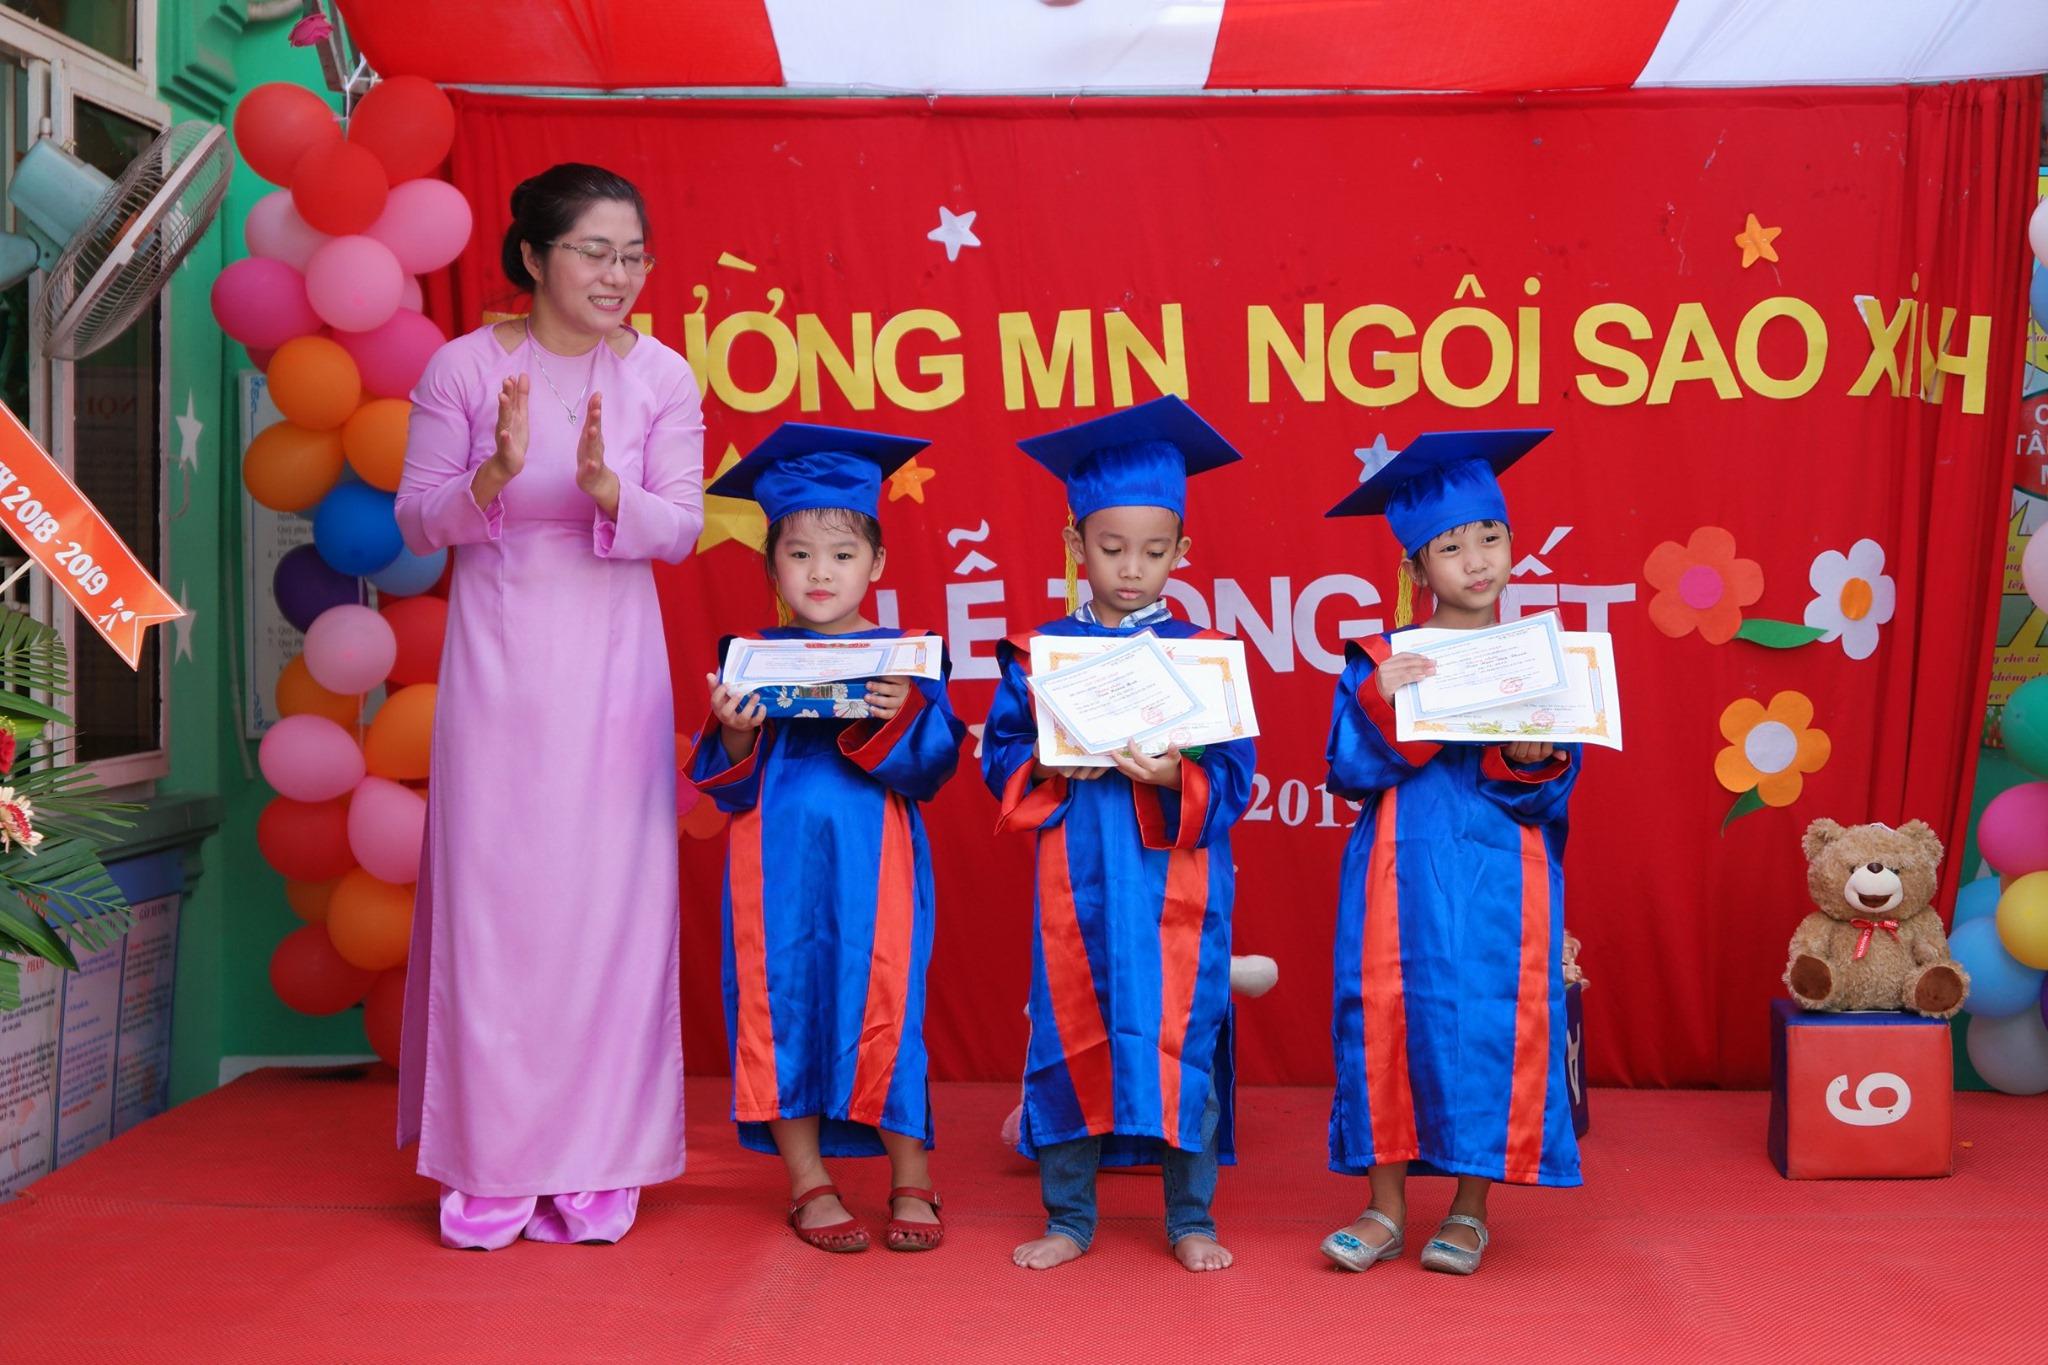 Trường mầm non Ngôi Sao Xinh Cơ sở 2 - Nguyễn Văn Khối